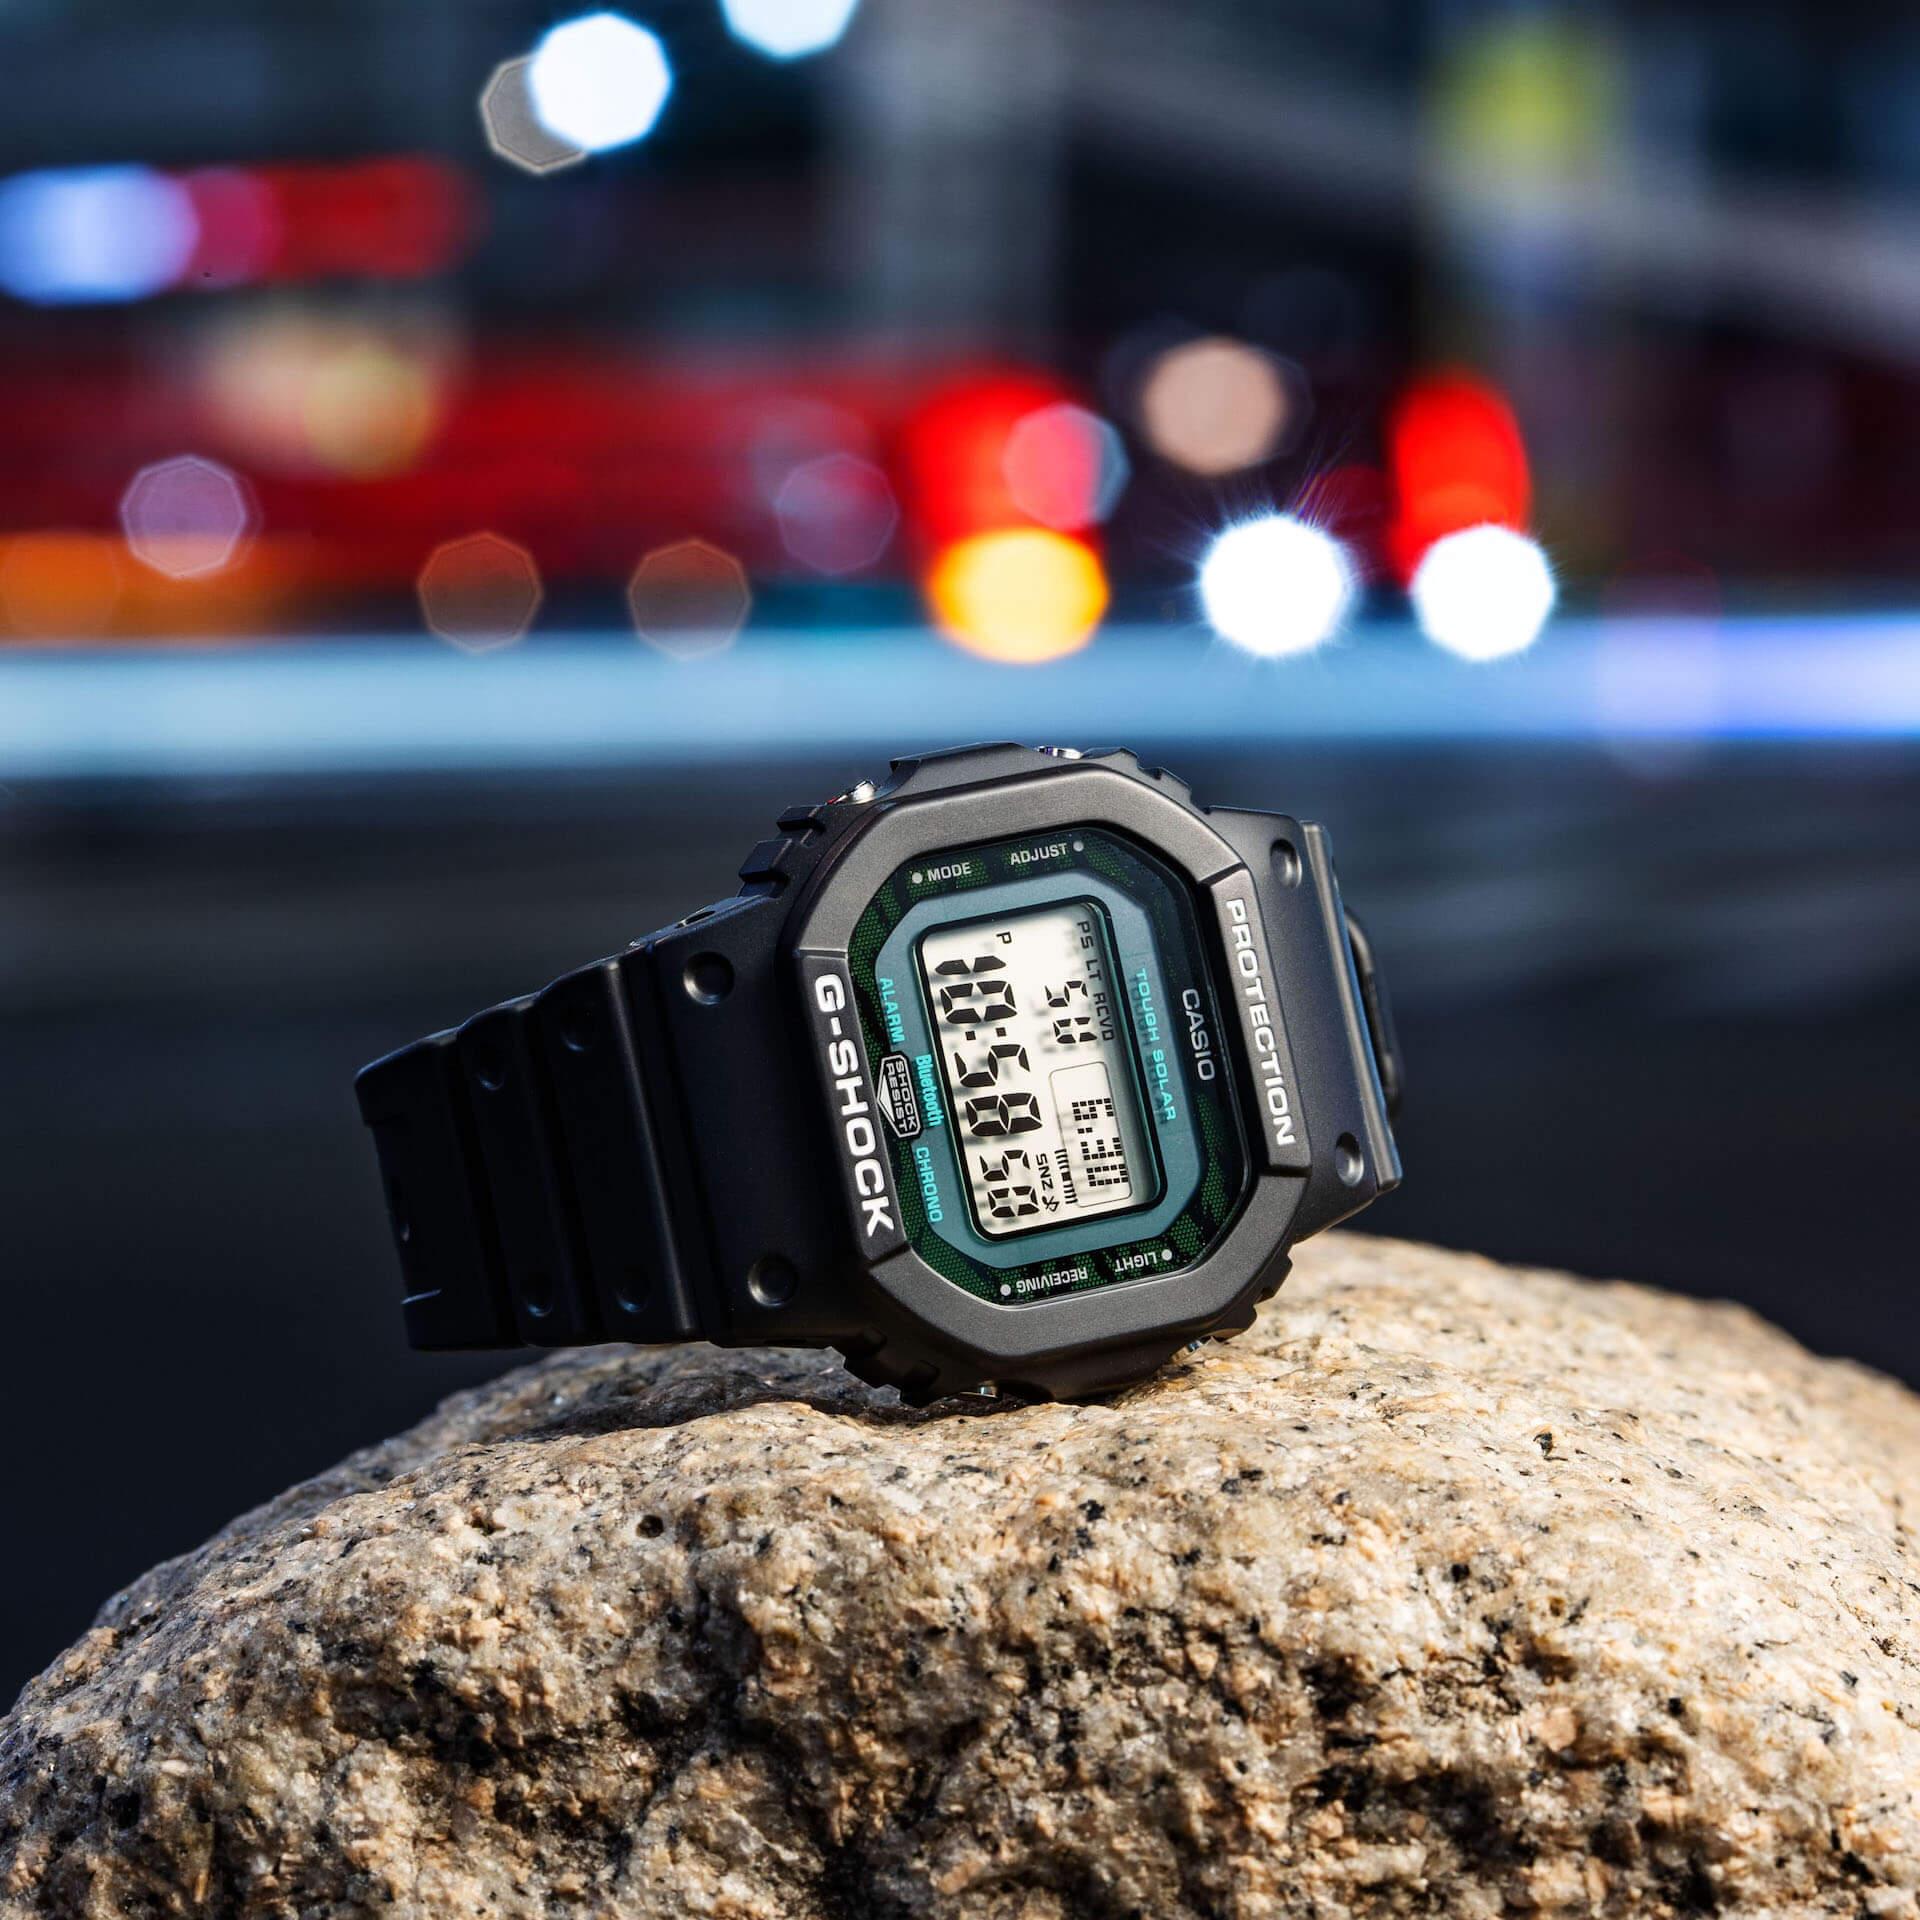 ブラック×グリーンが映えるG-SHOCKの新シリーズ「Black and Green Series」が登場! tech210415_gshock_1